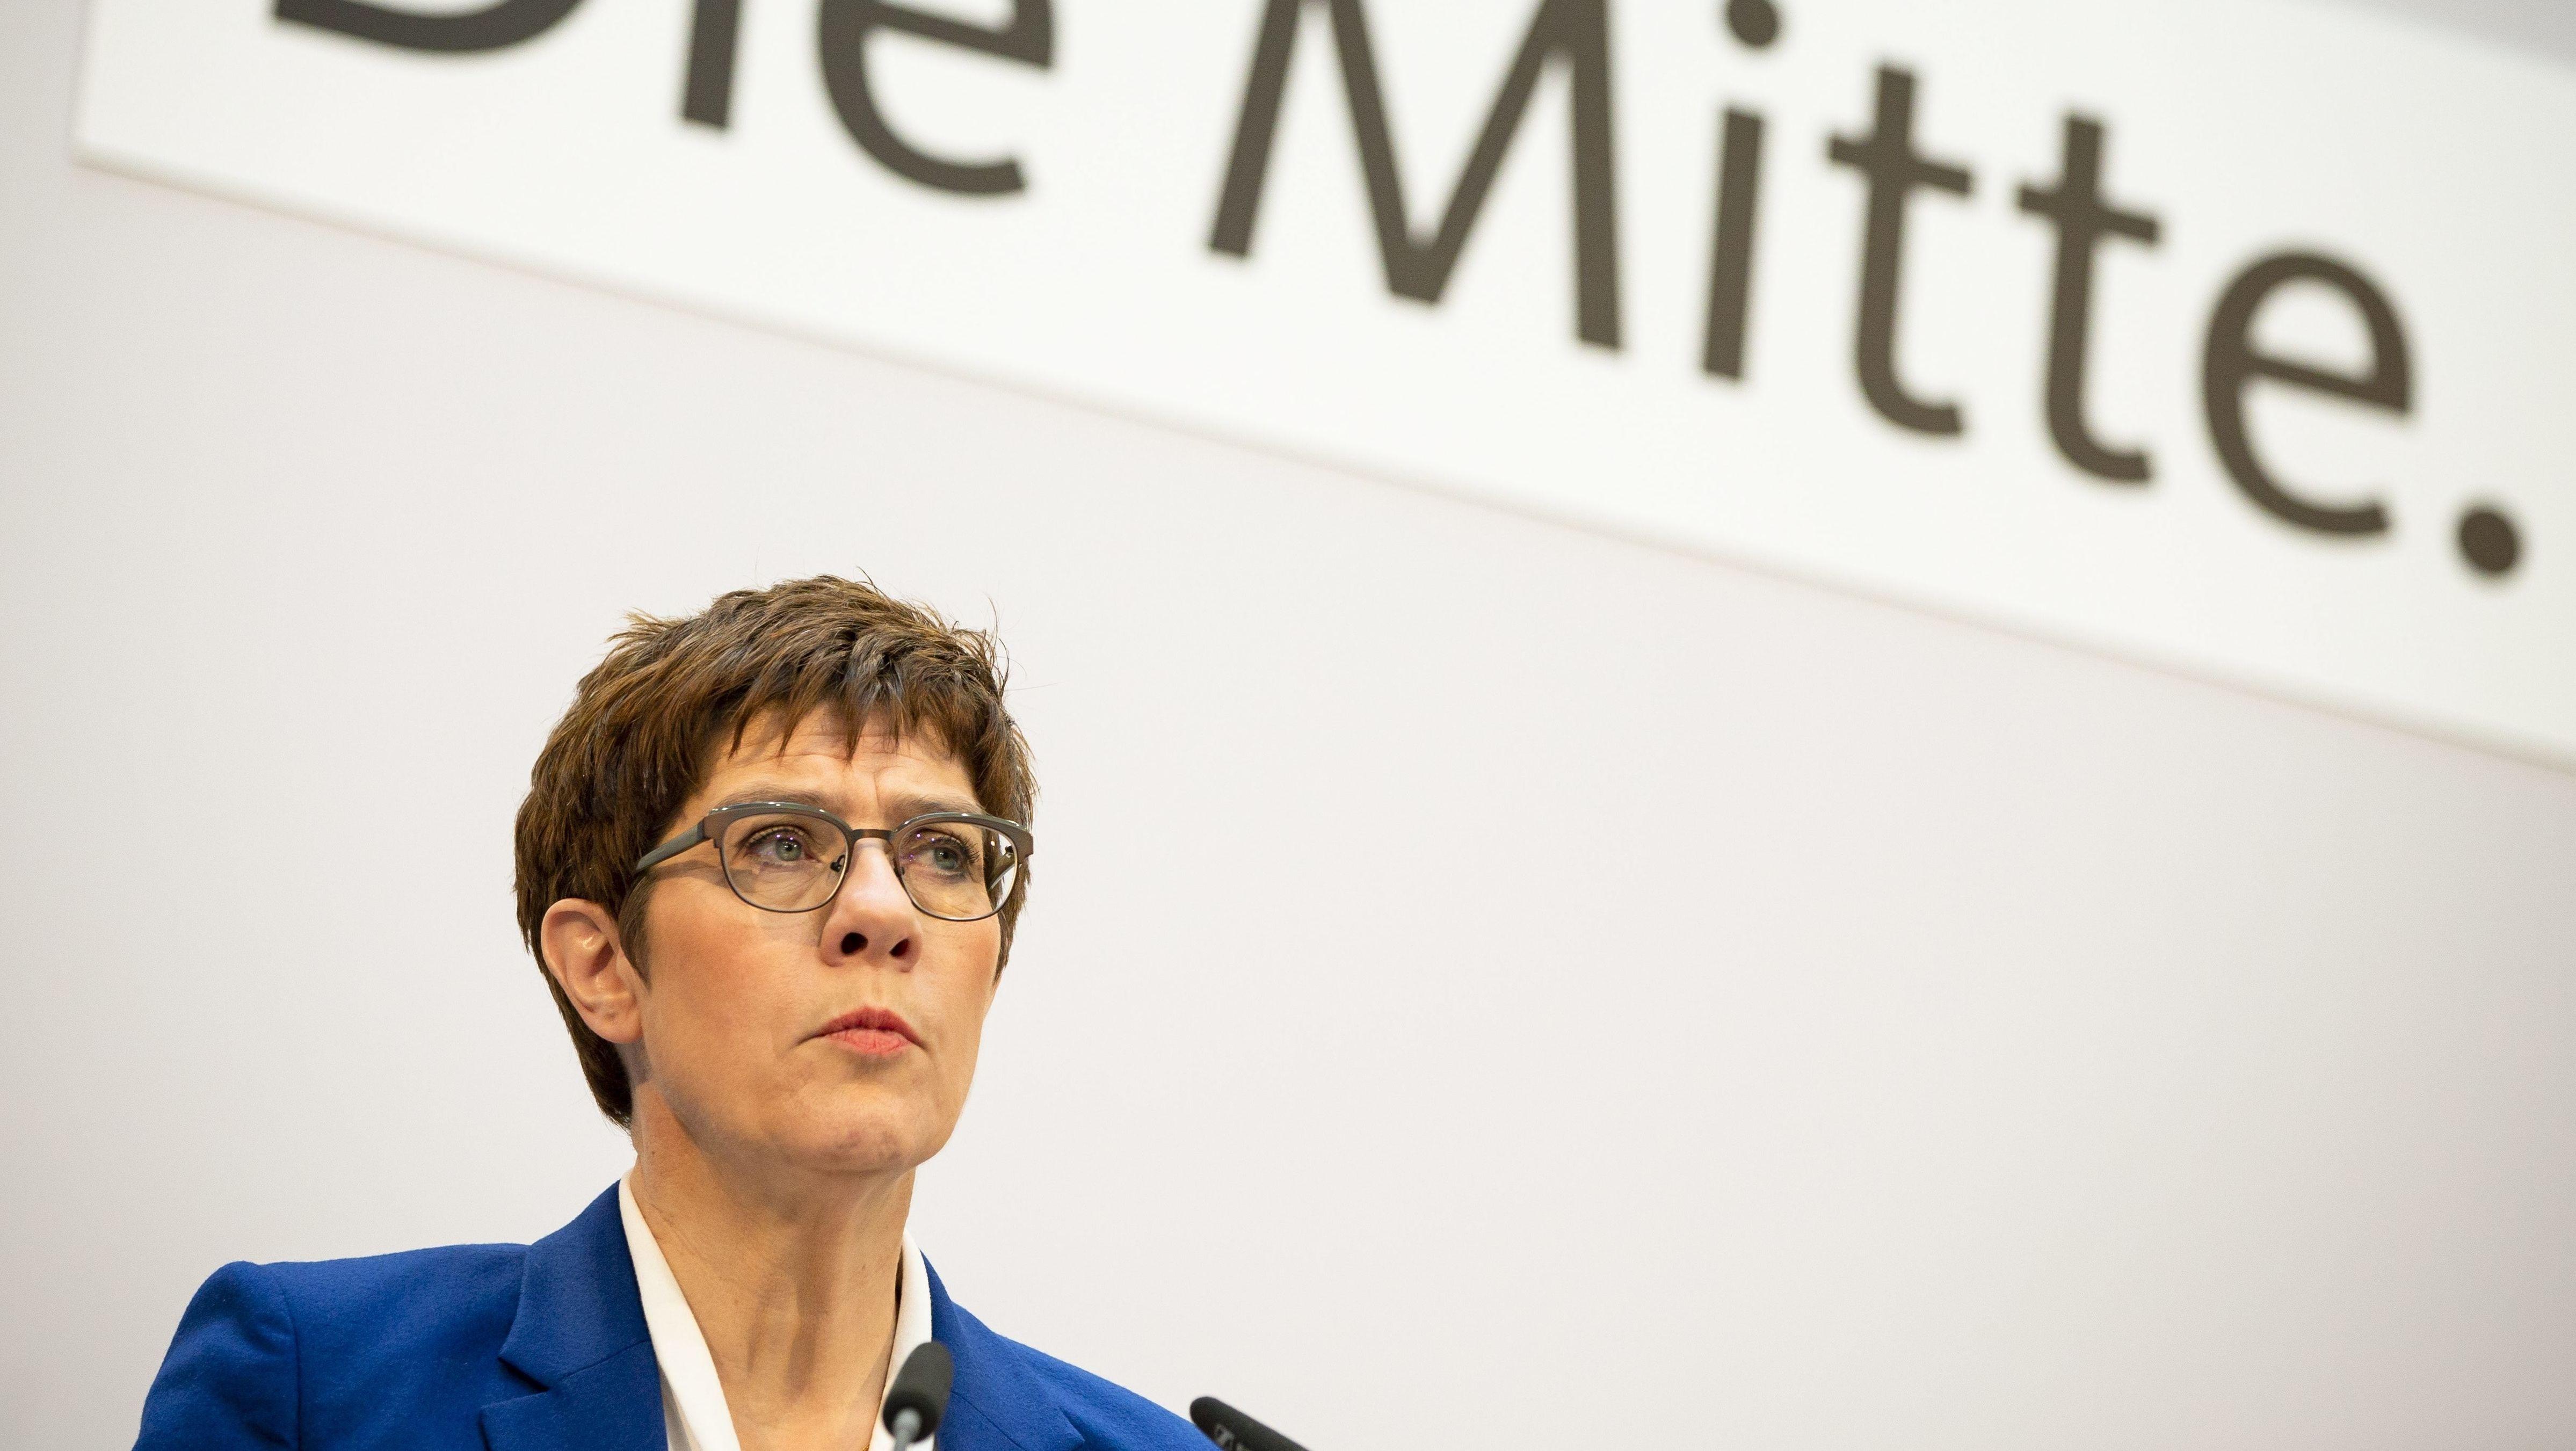 Richtungsstreit wird zur Zerreißprobe für die CDU